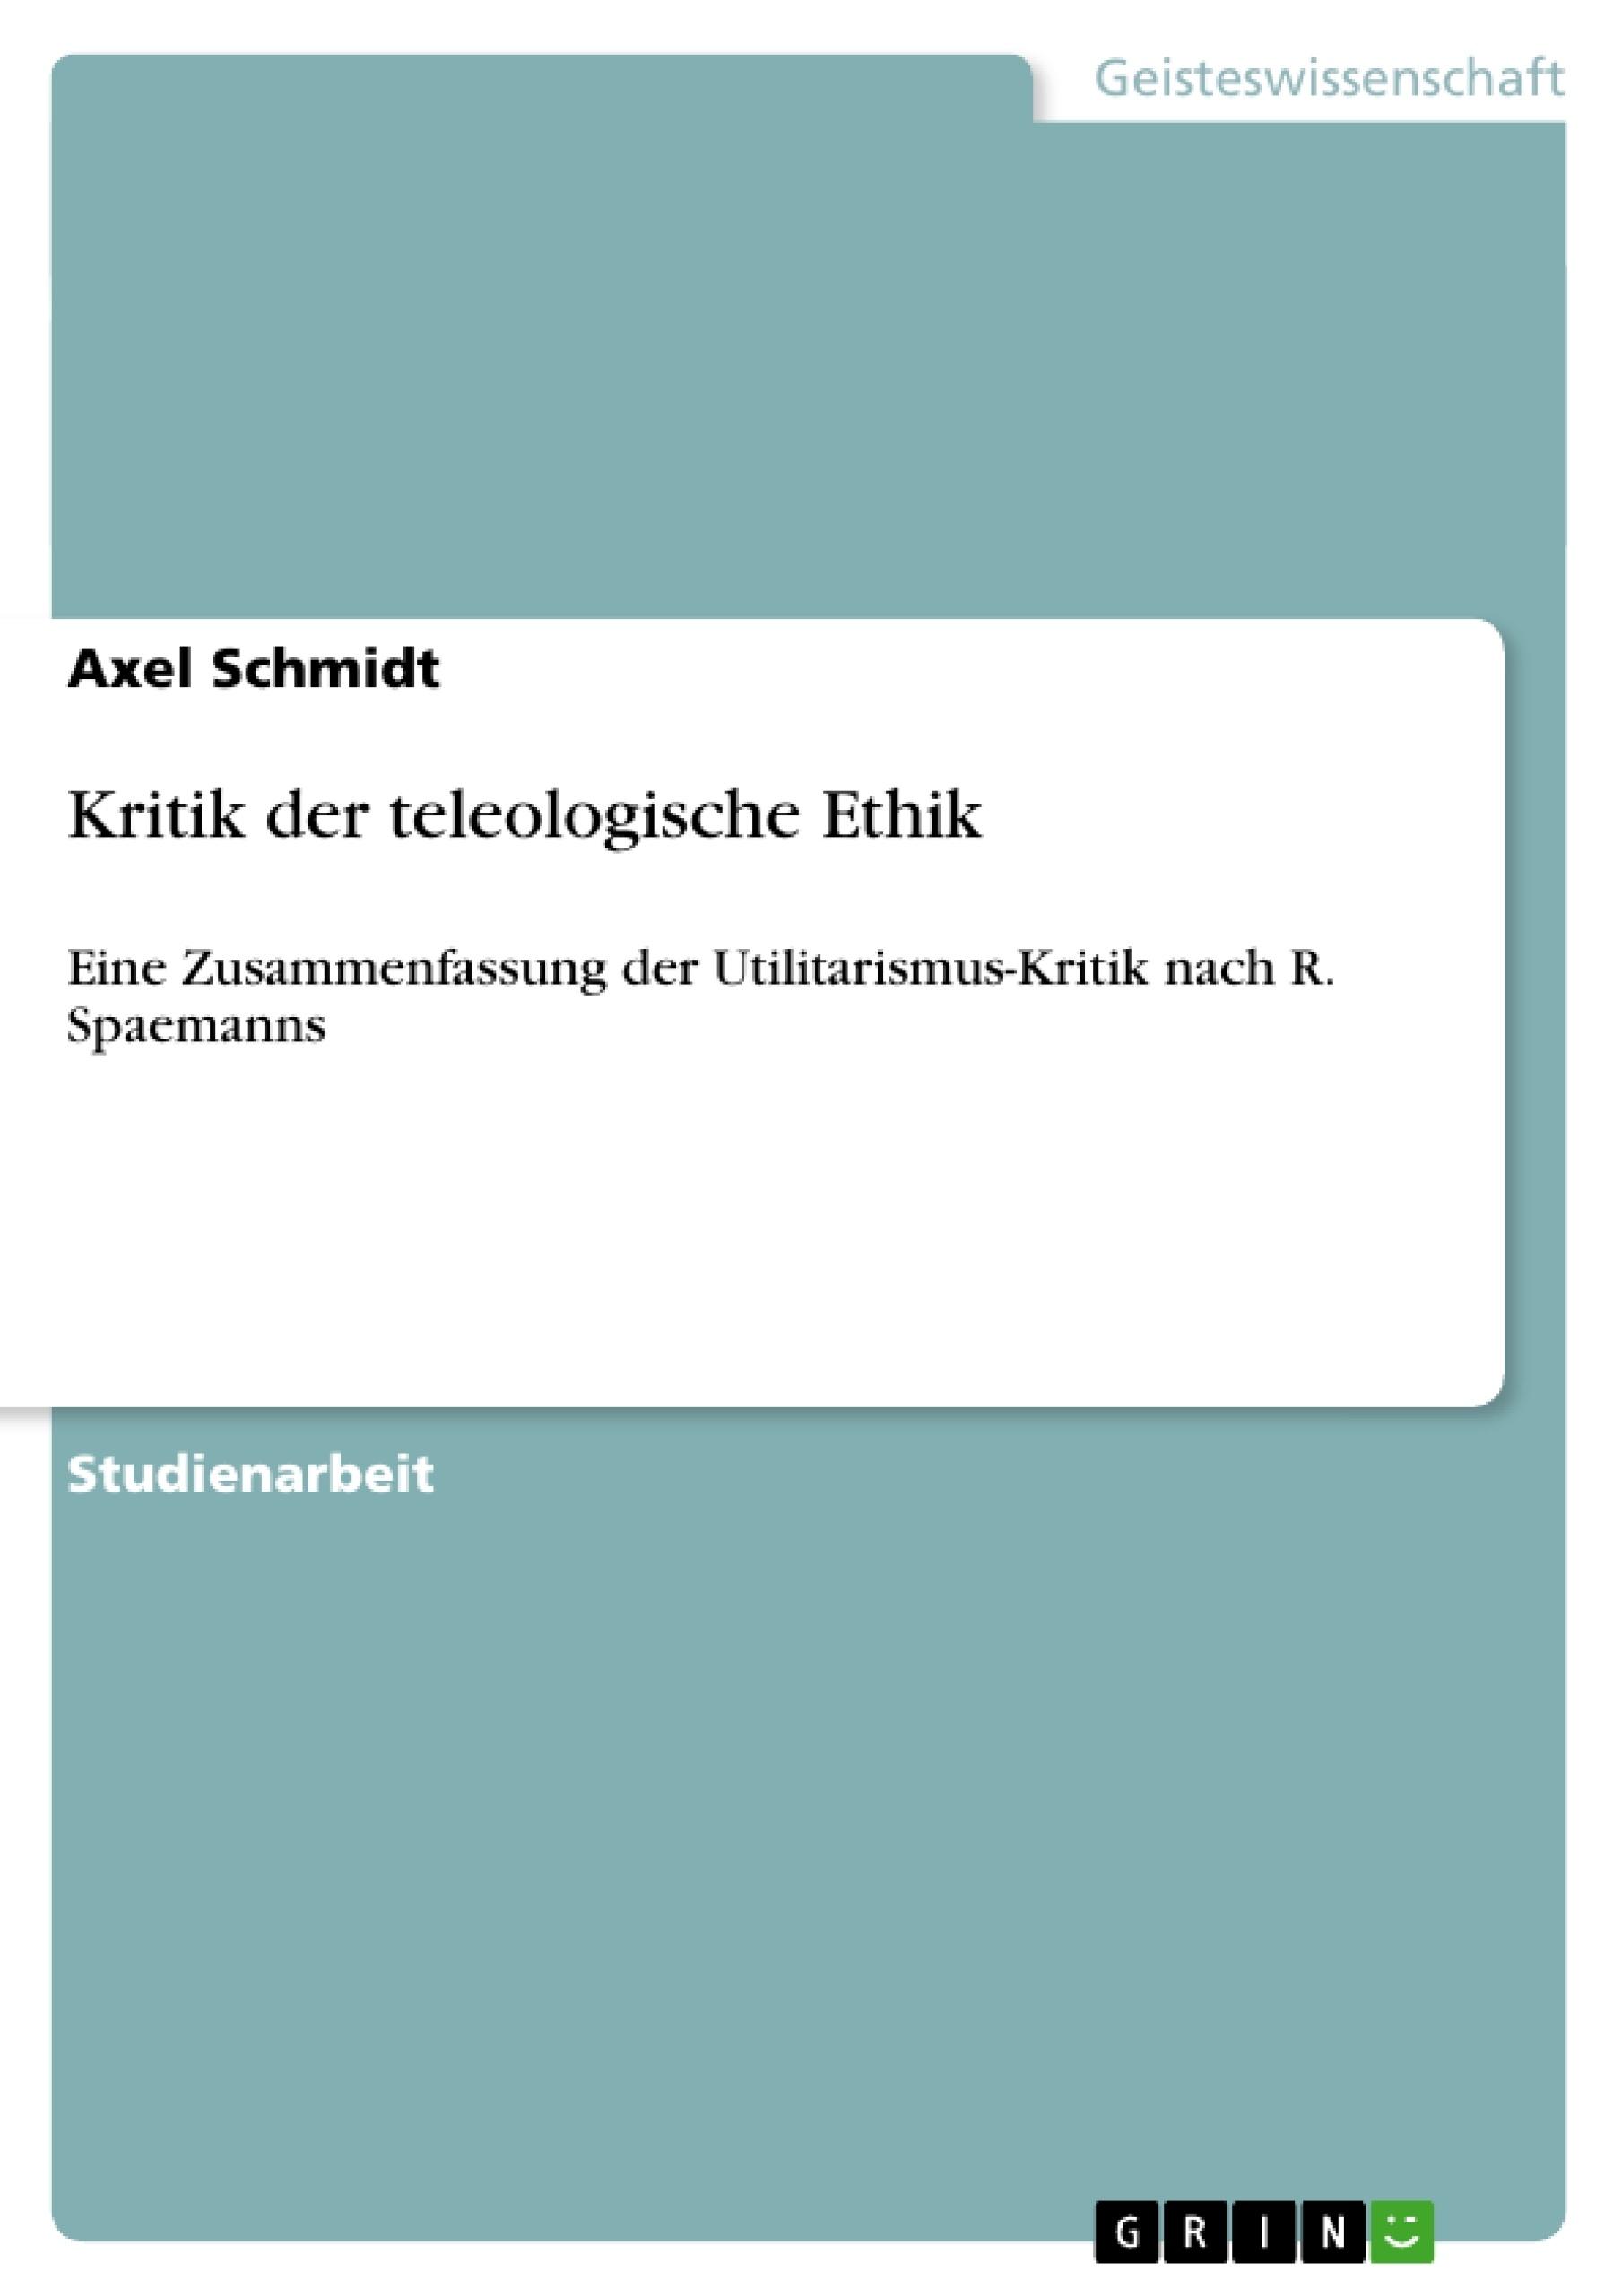 Titel: Kritik der teleologische Ethik